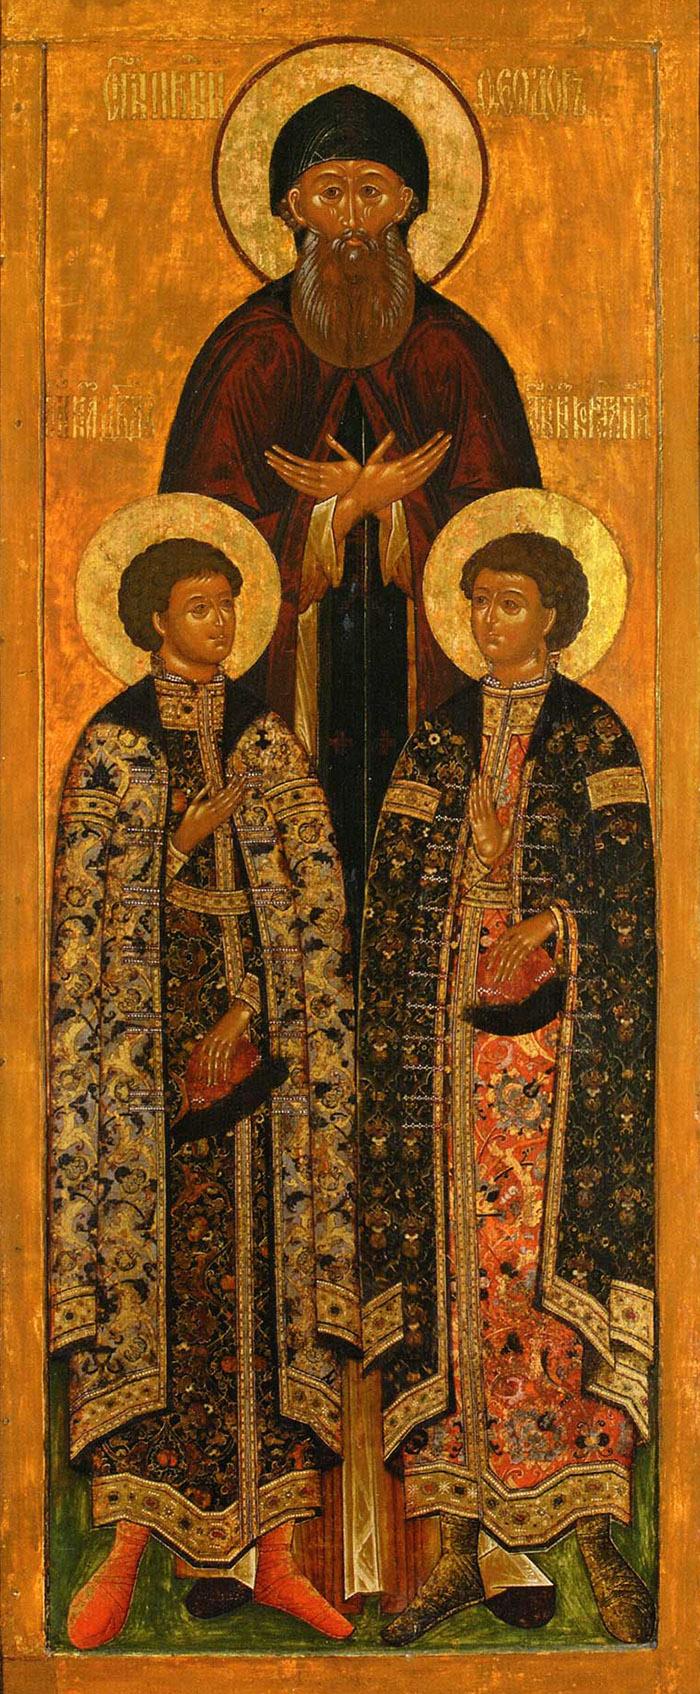 Акафист святым благоверным князьям Феодору, Давиду и Константину Ярославским